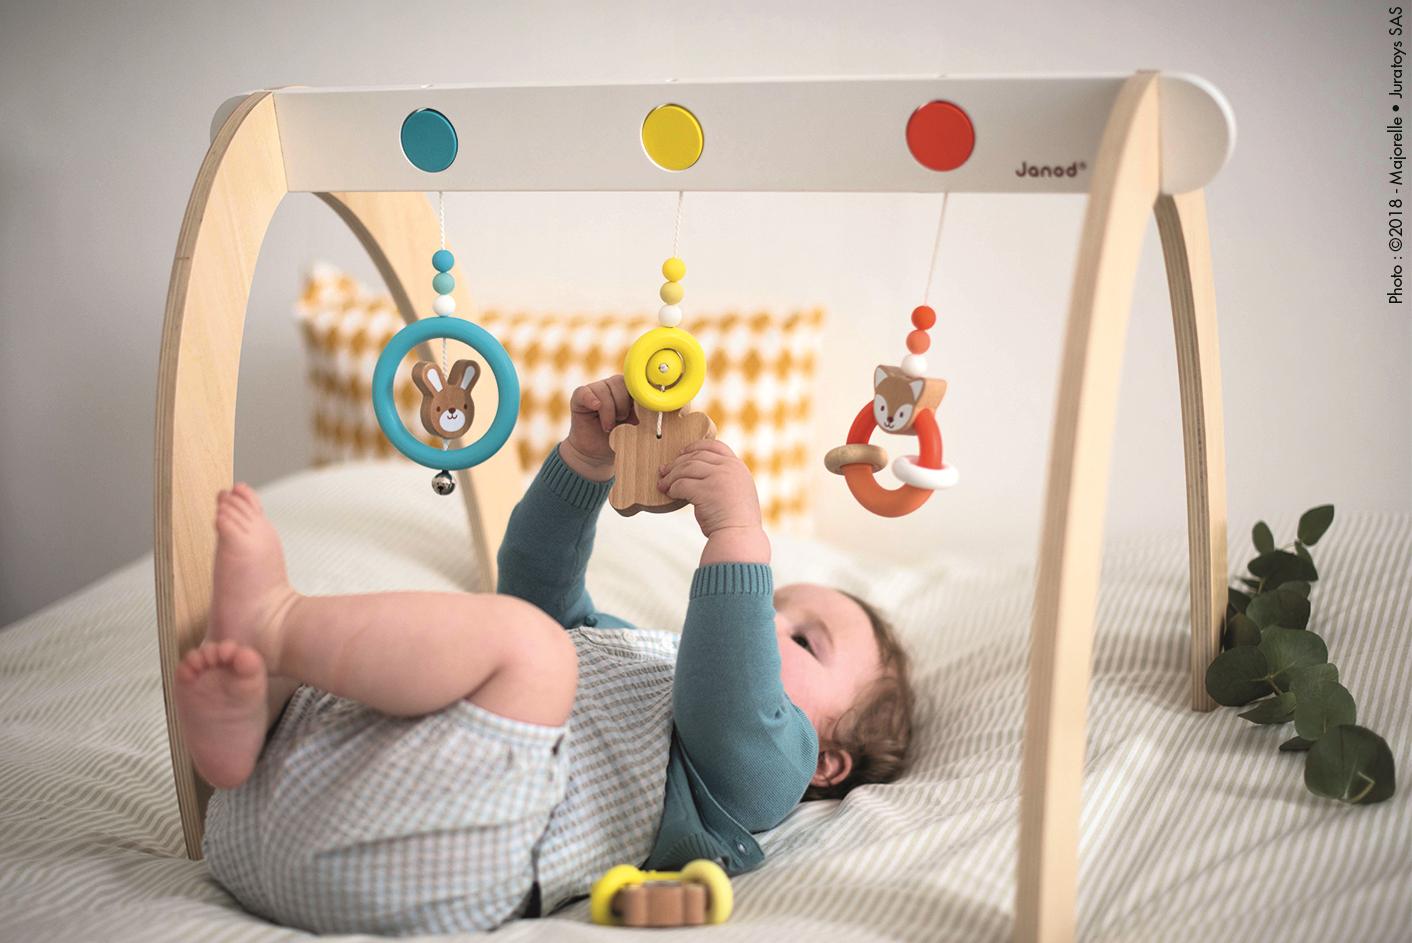 6a897501b ... mu môžete spríjemniť drobnými hrkálkami, motorickými a rytmickými  hudobnými hračkami alebo hrazdou, na ktorej môže skúmať jednotlivé predmety.